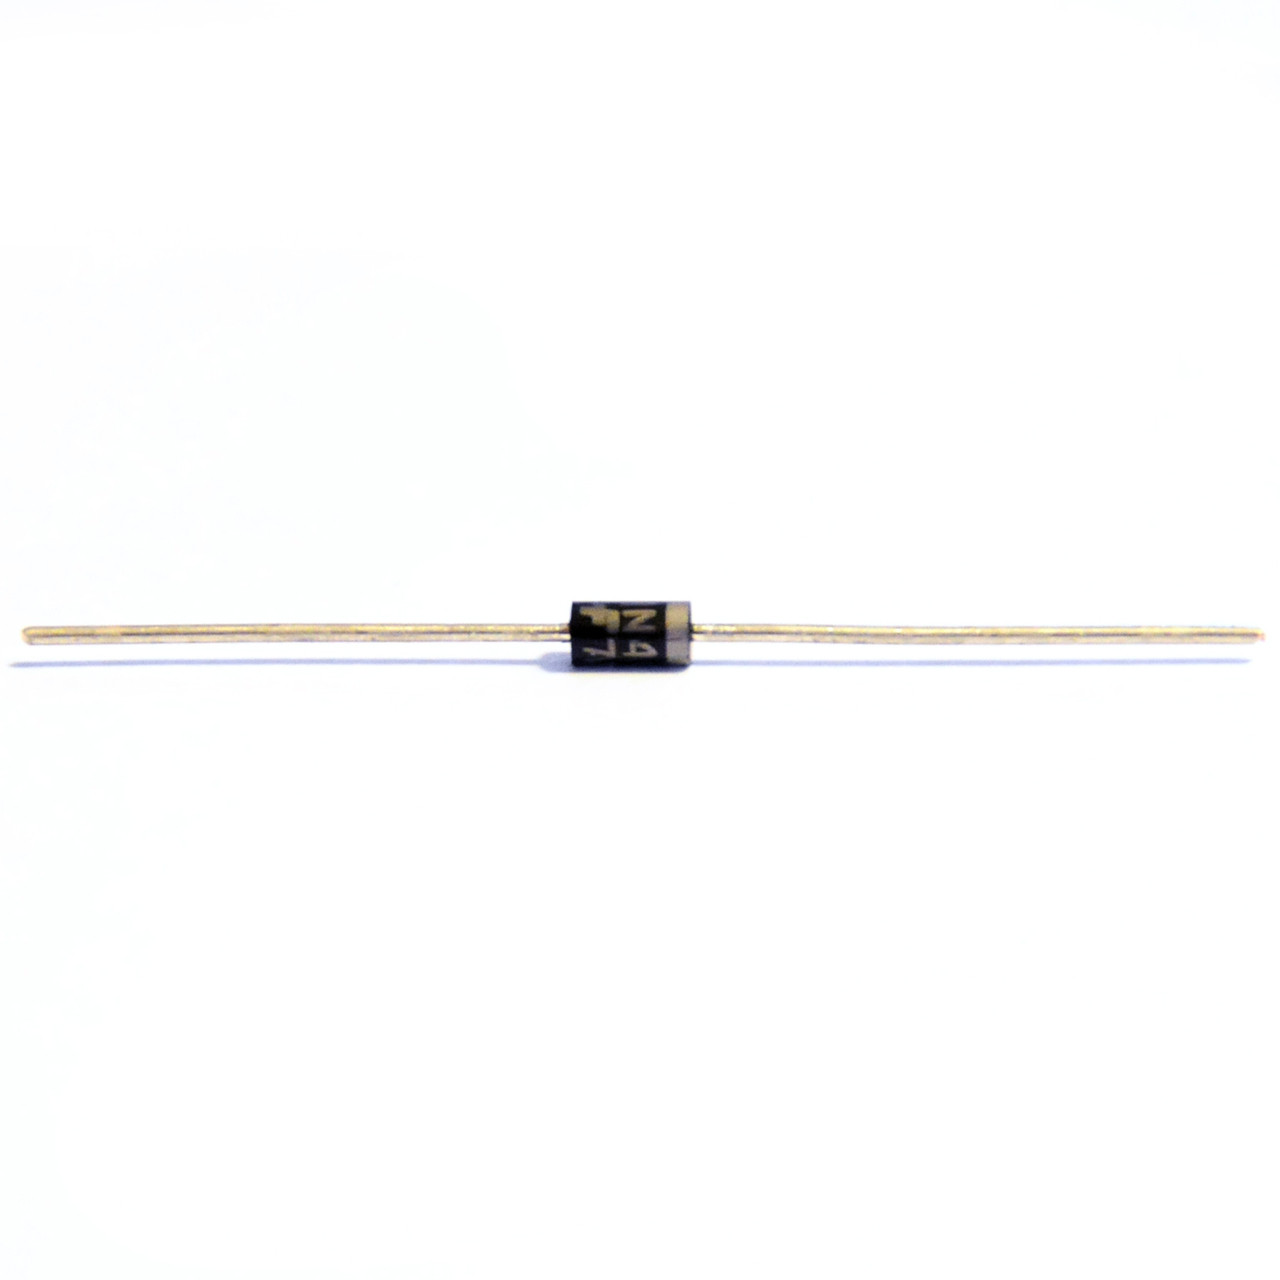 1N4001 diode